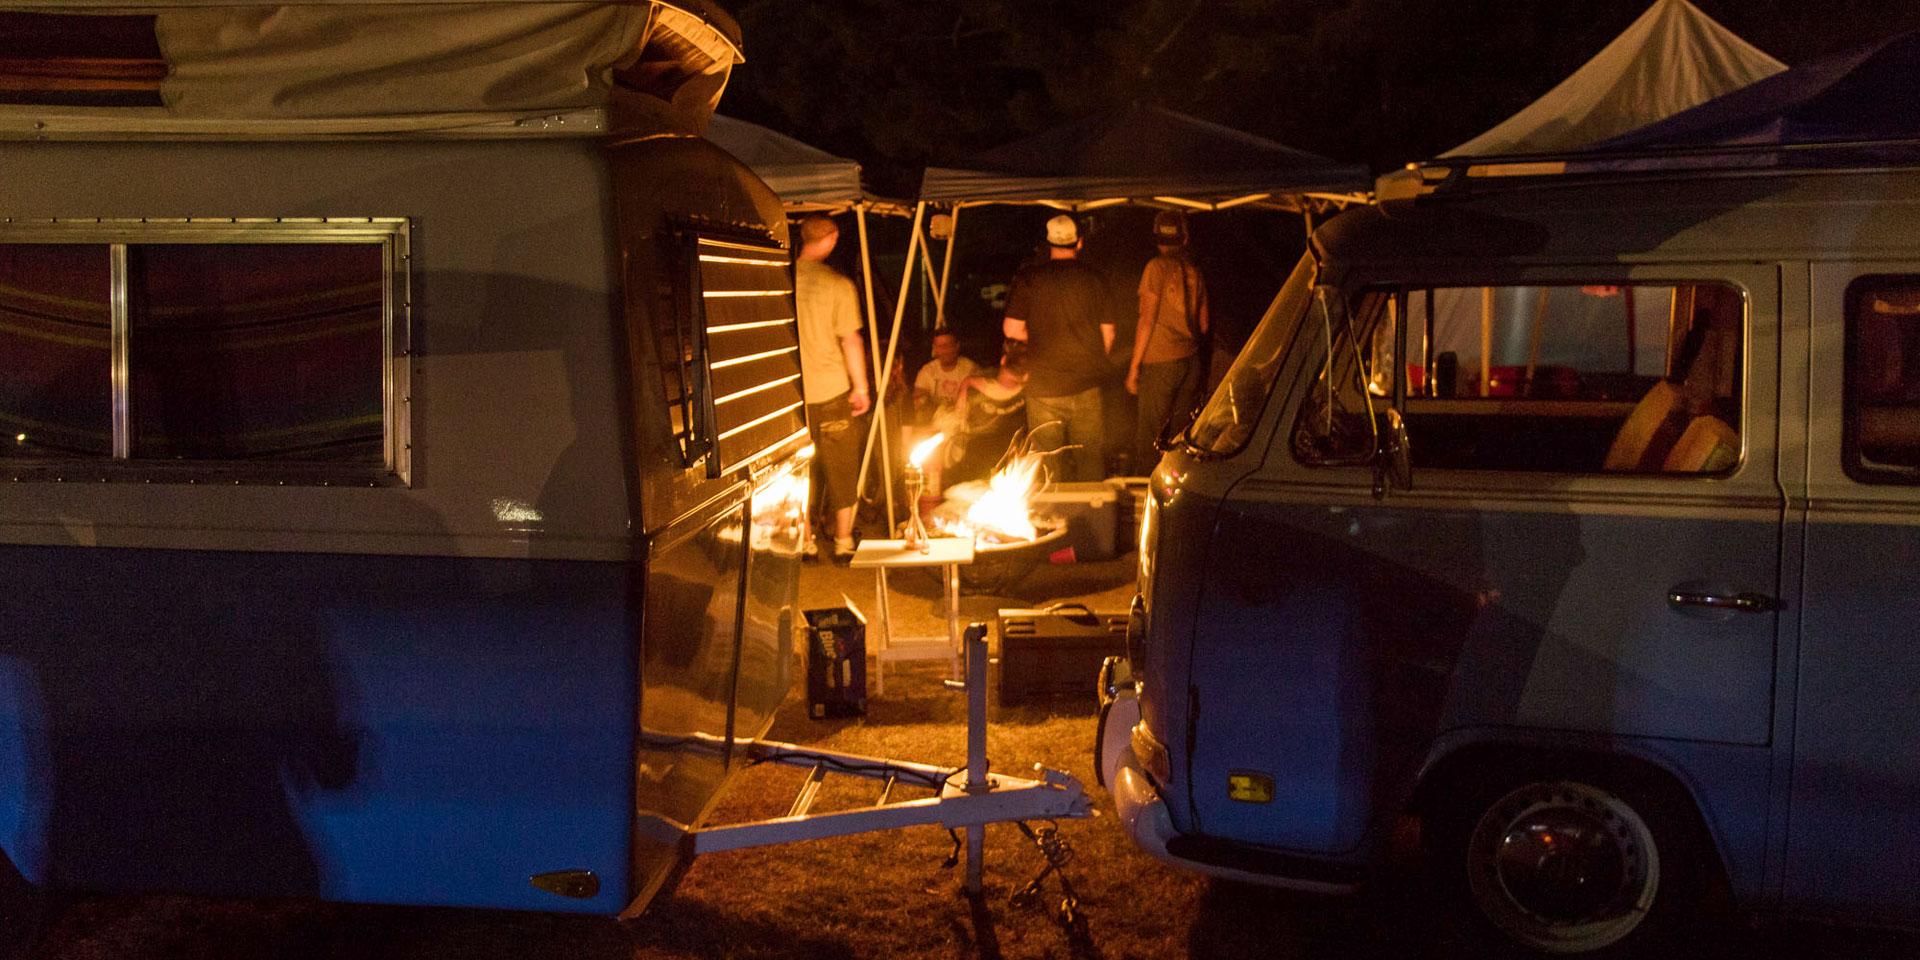 camping2017_dobbins